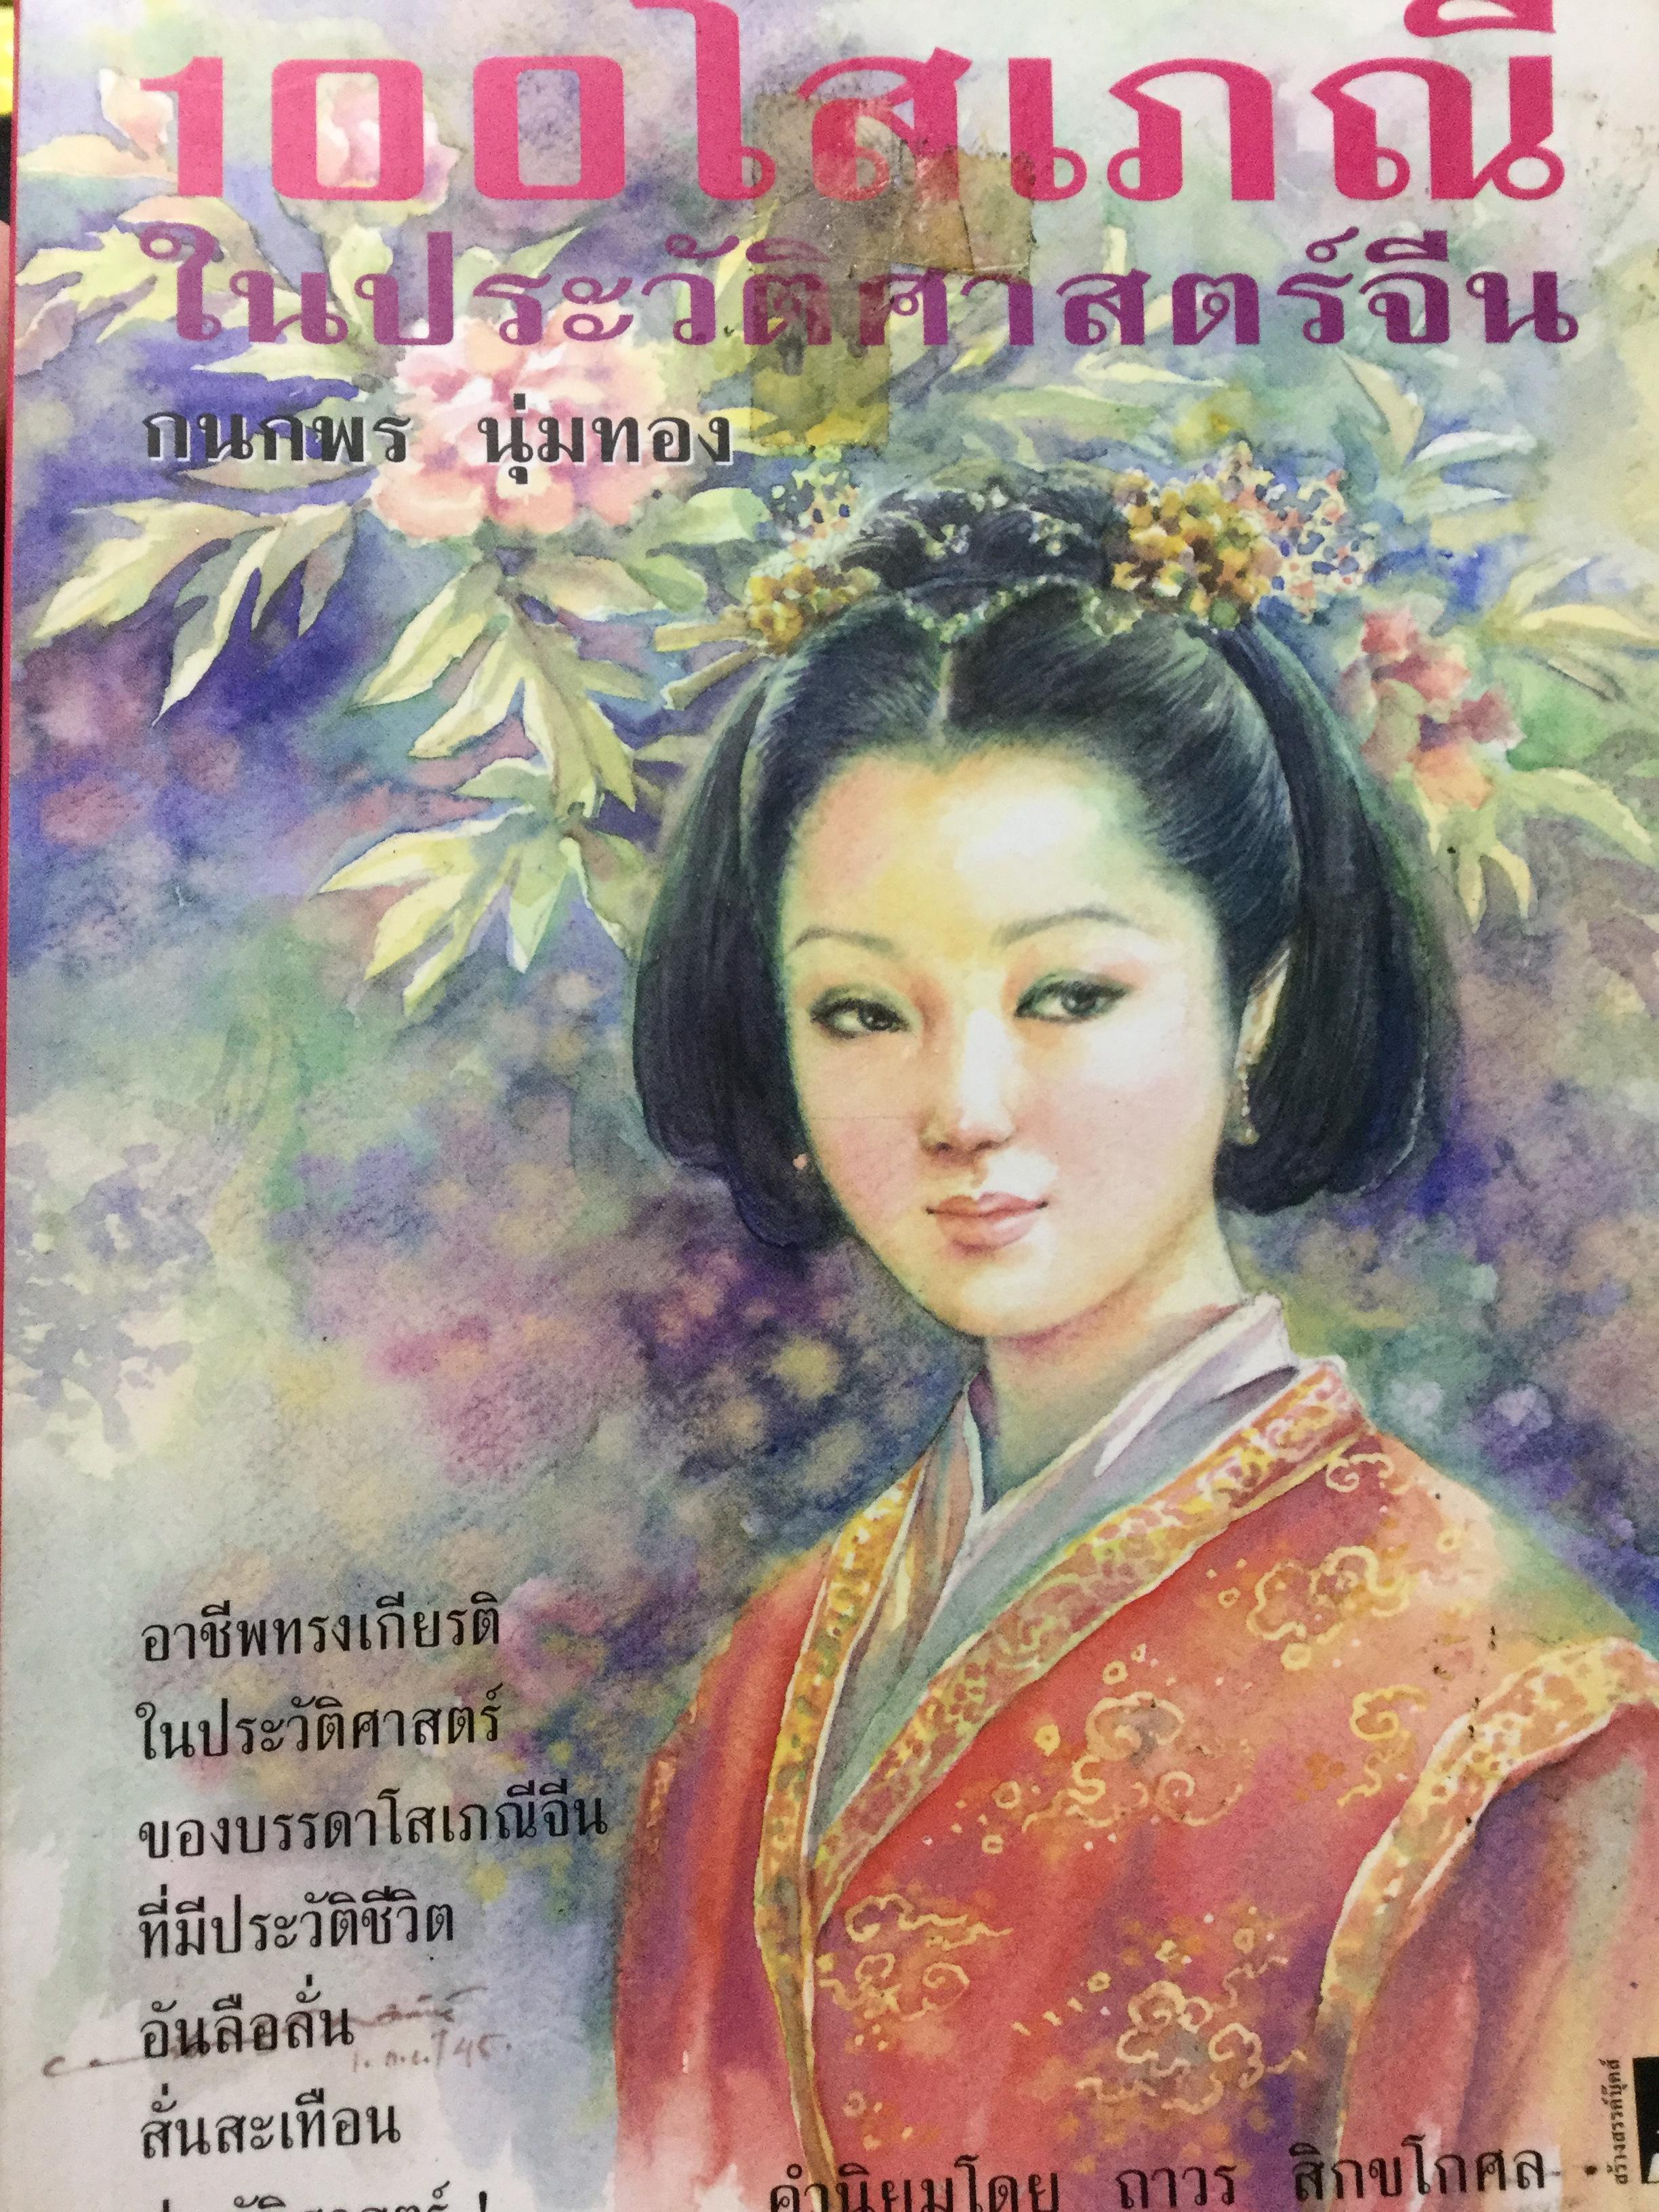 100 โสเภณี ในประวัติศาสตร์จีน อาชีพทรงเกียรติในประวัติศาสตร์ของบรรดาโสเภณีจีน ทีมีประวัติชีวิตอันลือลั่นสั่นสะเทือนประวัติศาสตร์ ผู้เขียน กนกพร นุ่มทอง.